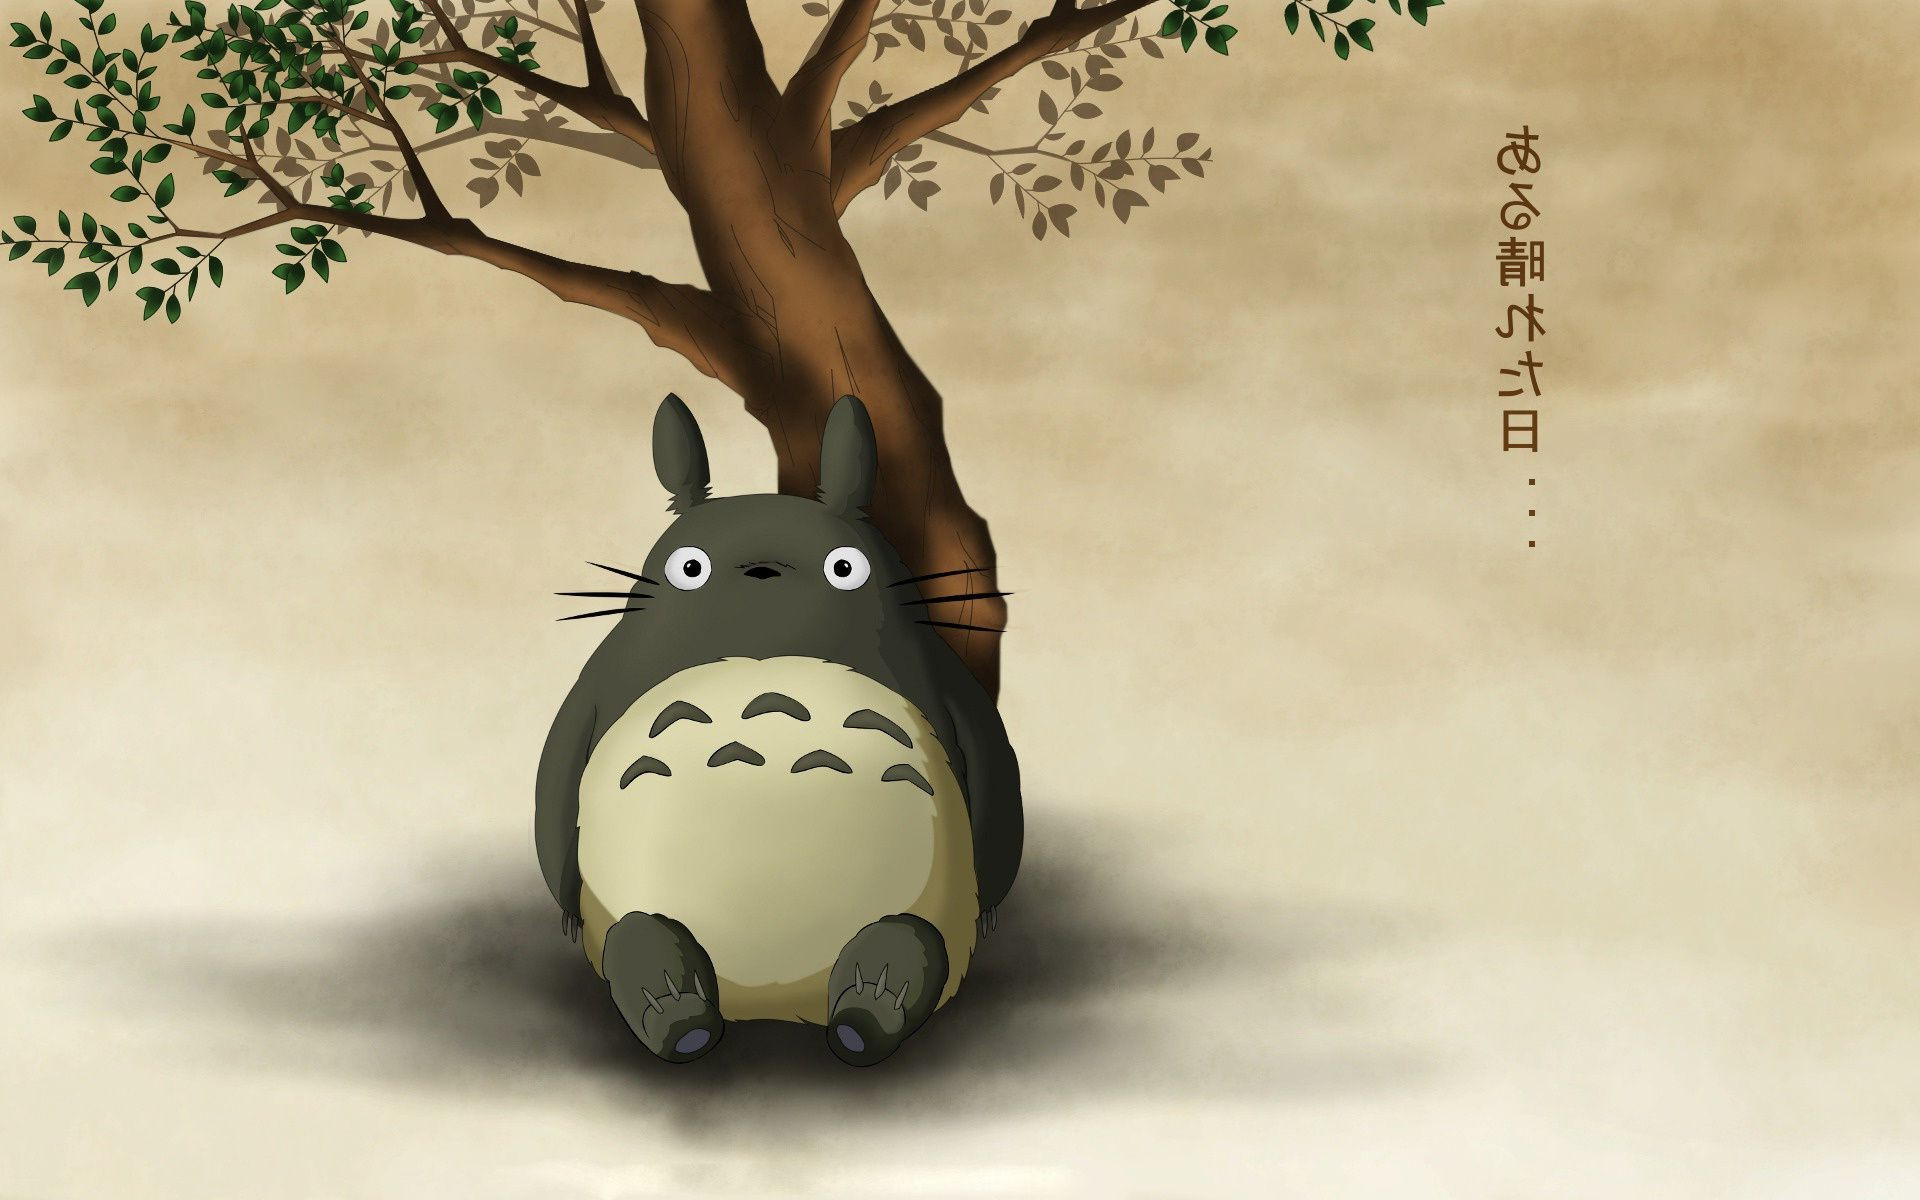 Смешные аниме картинки животных